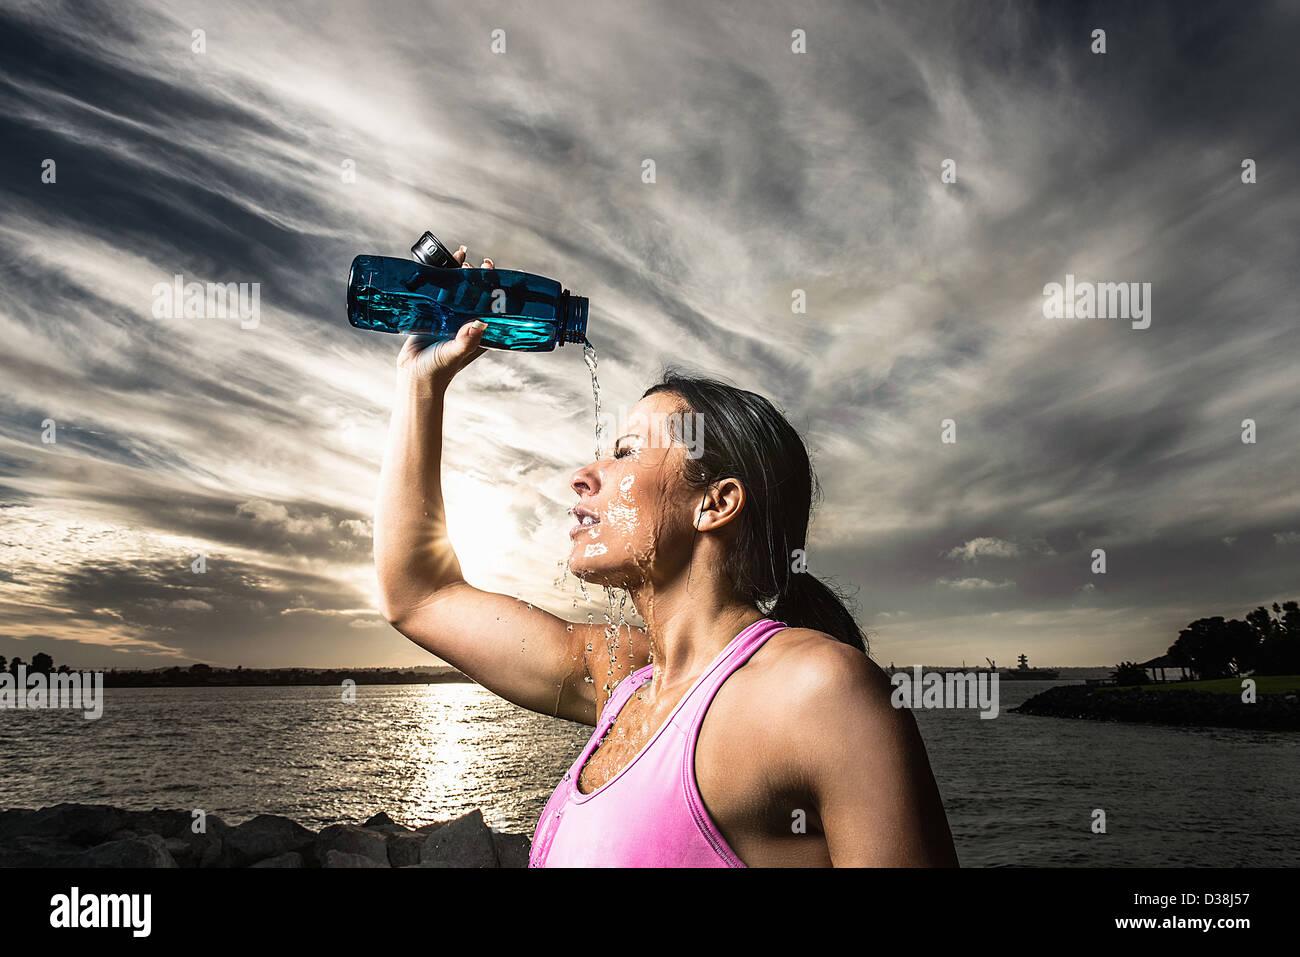 Runner verser de l'eau sur elle-même Photo Stock